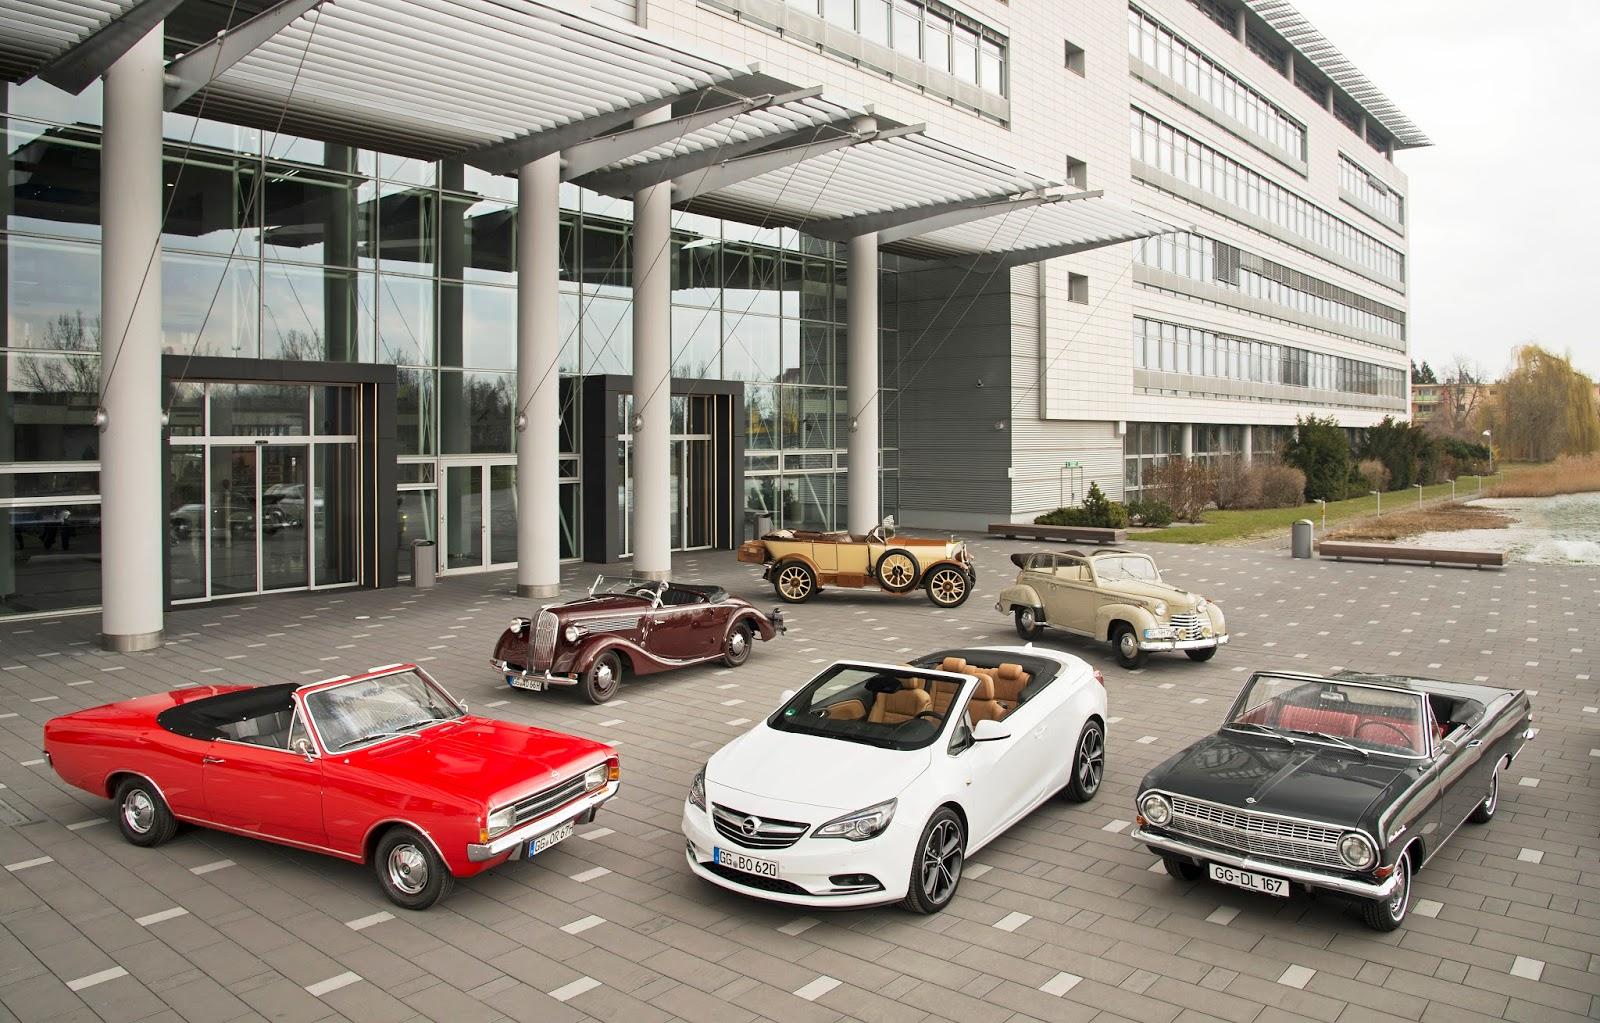 Opel Rallye Hessen Th25C325BCringen 301769 Ταξίδι στο χρόνο μέσα από την ιστορία 100 χρόνων των Opel Cabrio cabrio, Opel, Opel 8/25 hp, Opel Cascada, Opel Olympia, Opel Record